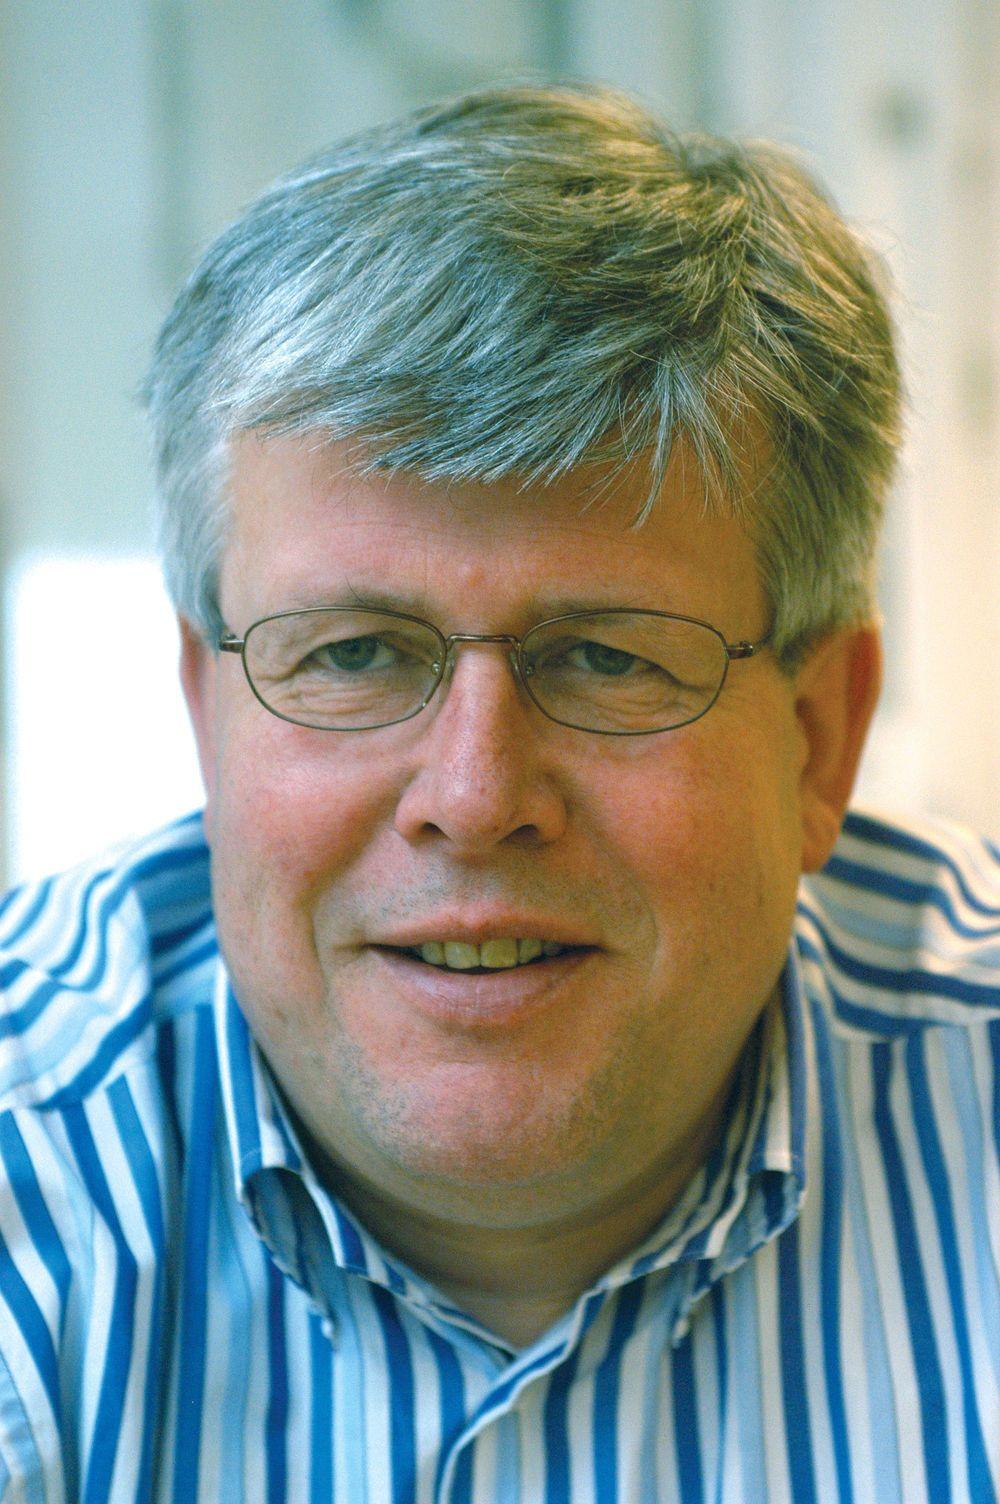 EKSPANDERER:ScanWind med Torolf Pettersen i spissen vil neste år øke staben i Trondheim fra ti til 40. Dessuten skal staben som produserer vindturbinene i Verdal økes til over 60 på grunn av to nye ordrer fra Nord-Trøndelag Elektrisitetsverk (NTE).FOTO: KNUT STRØM